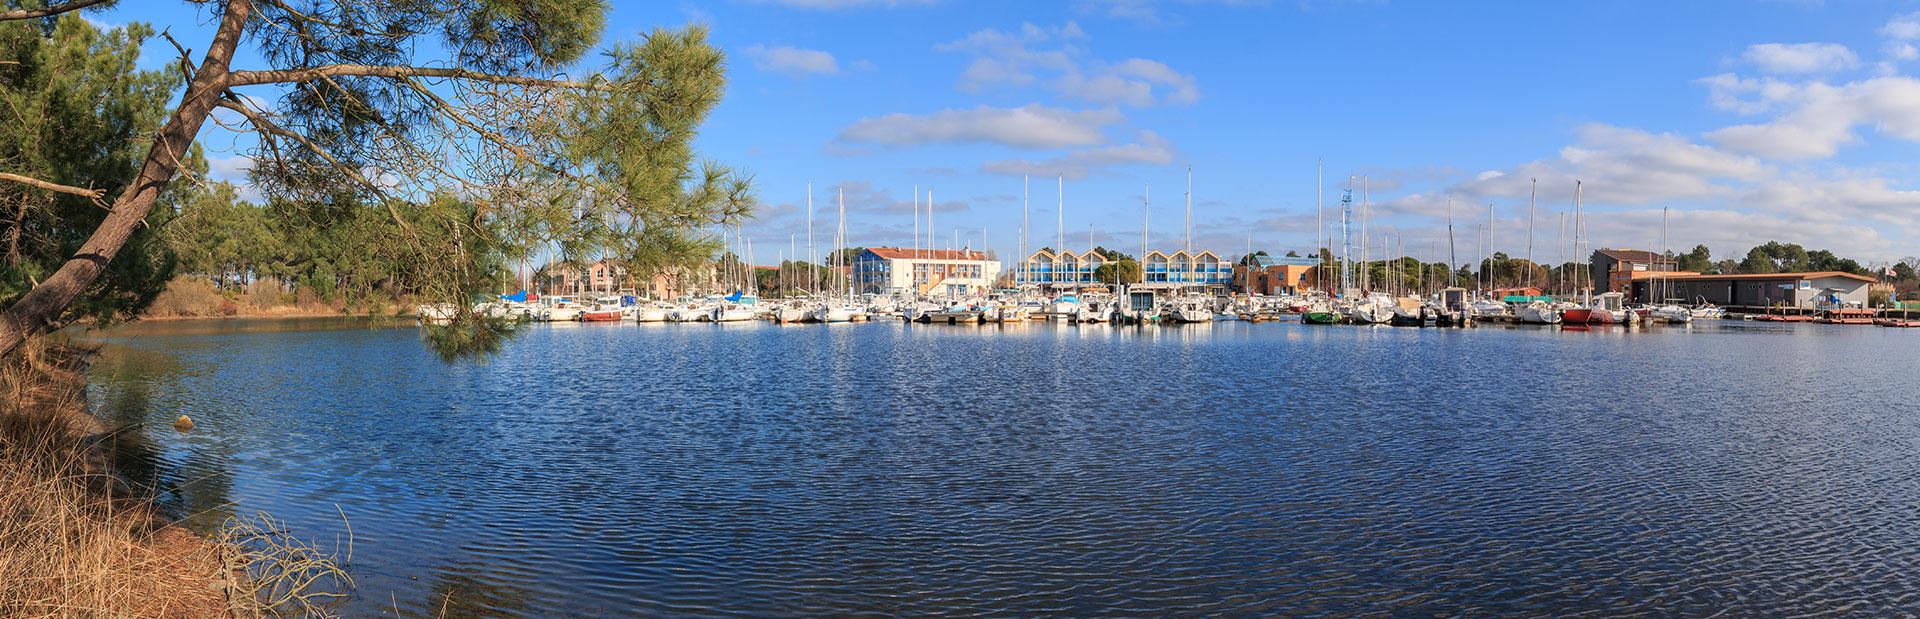 Panorama de Hourtin Port vu depuis les berges du lac d'Hourtin lieu idéal pour vos vacances en Gironde